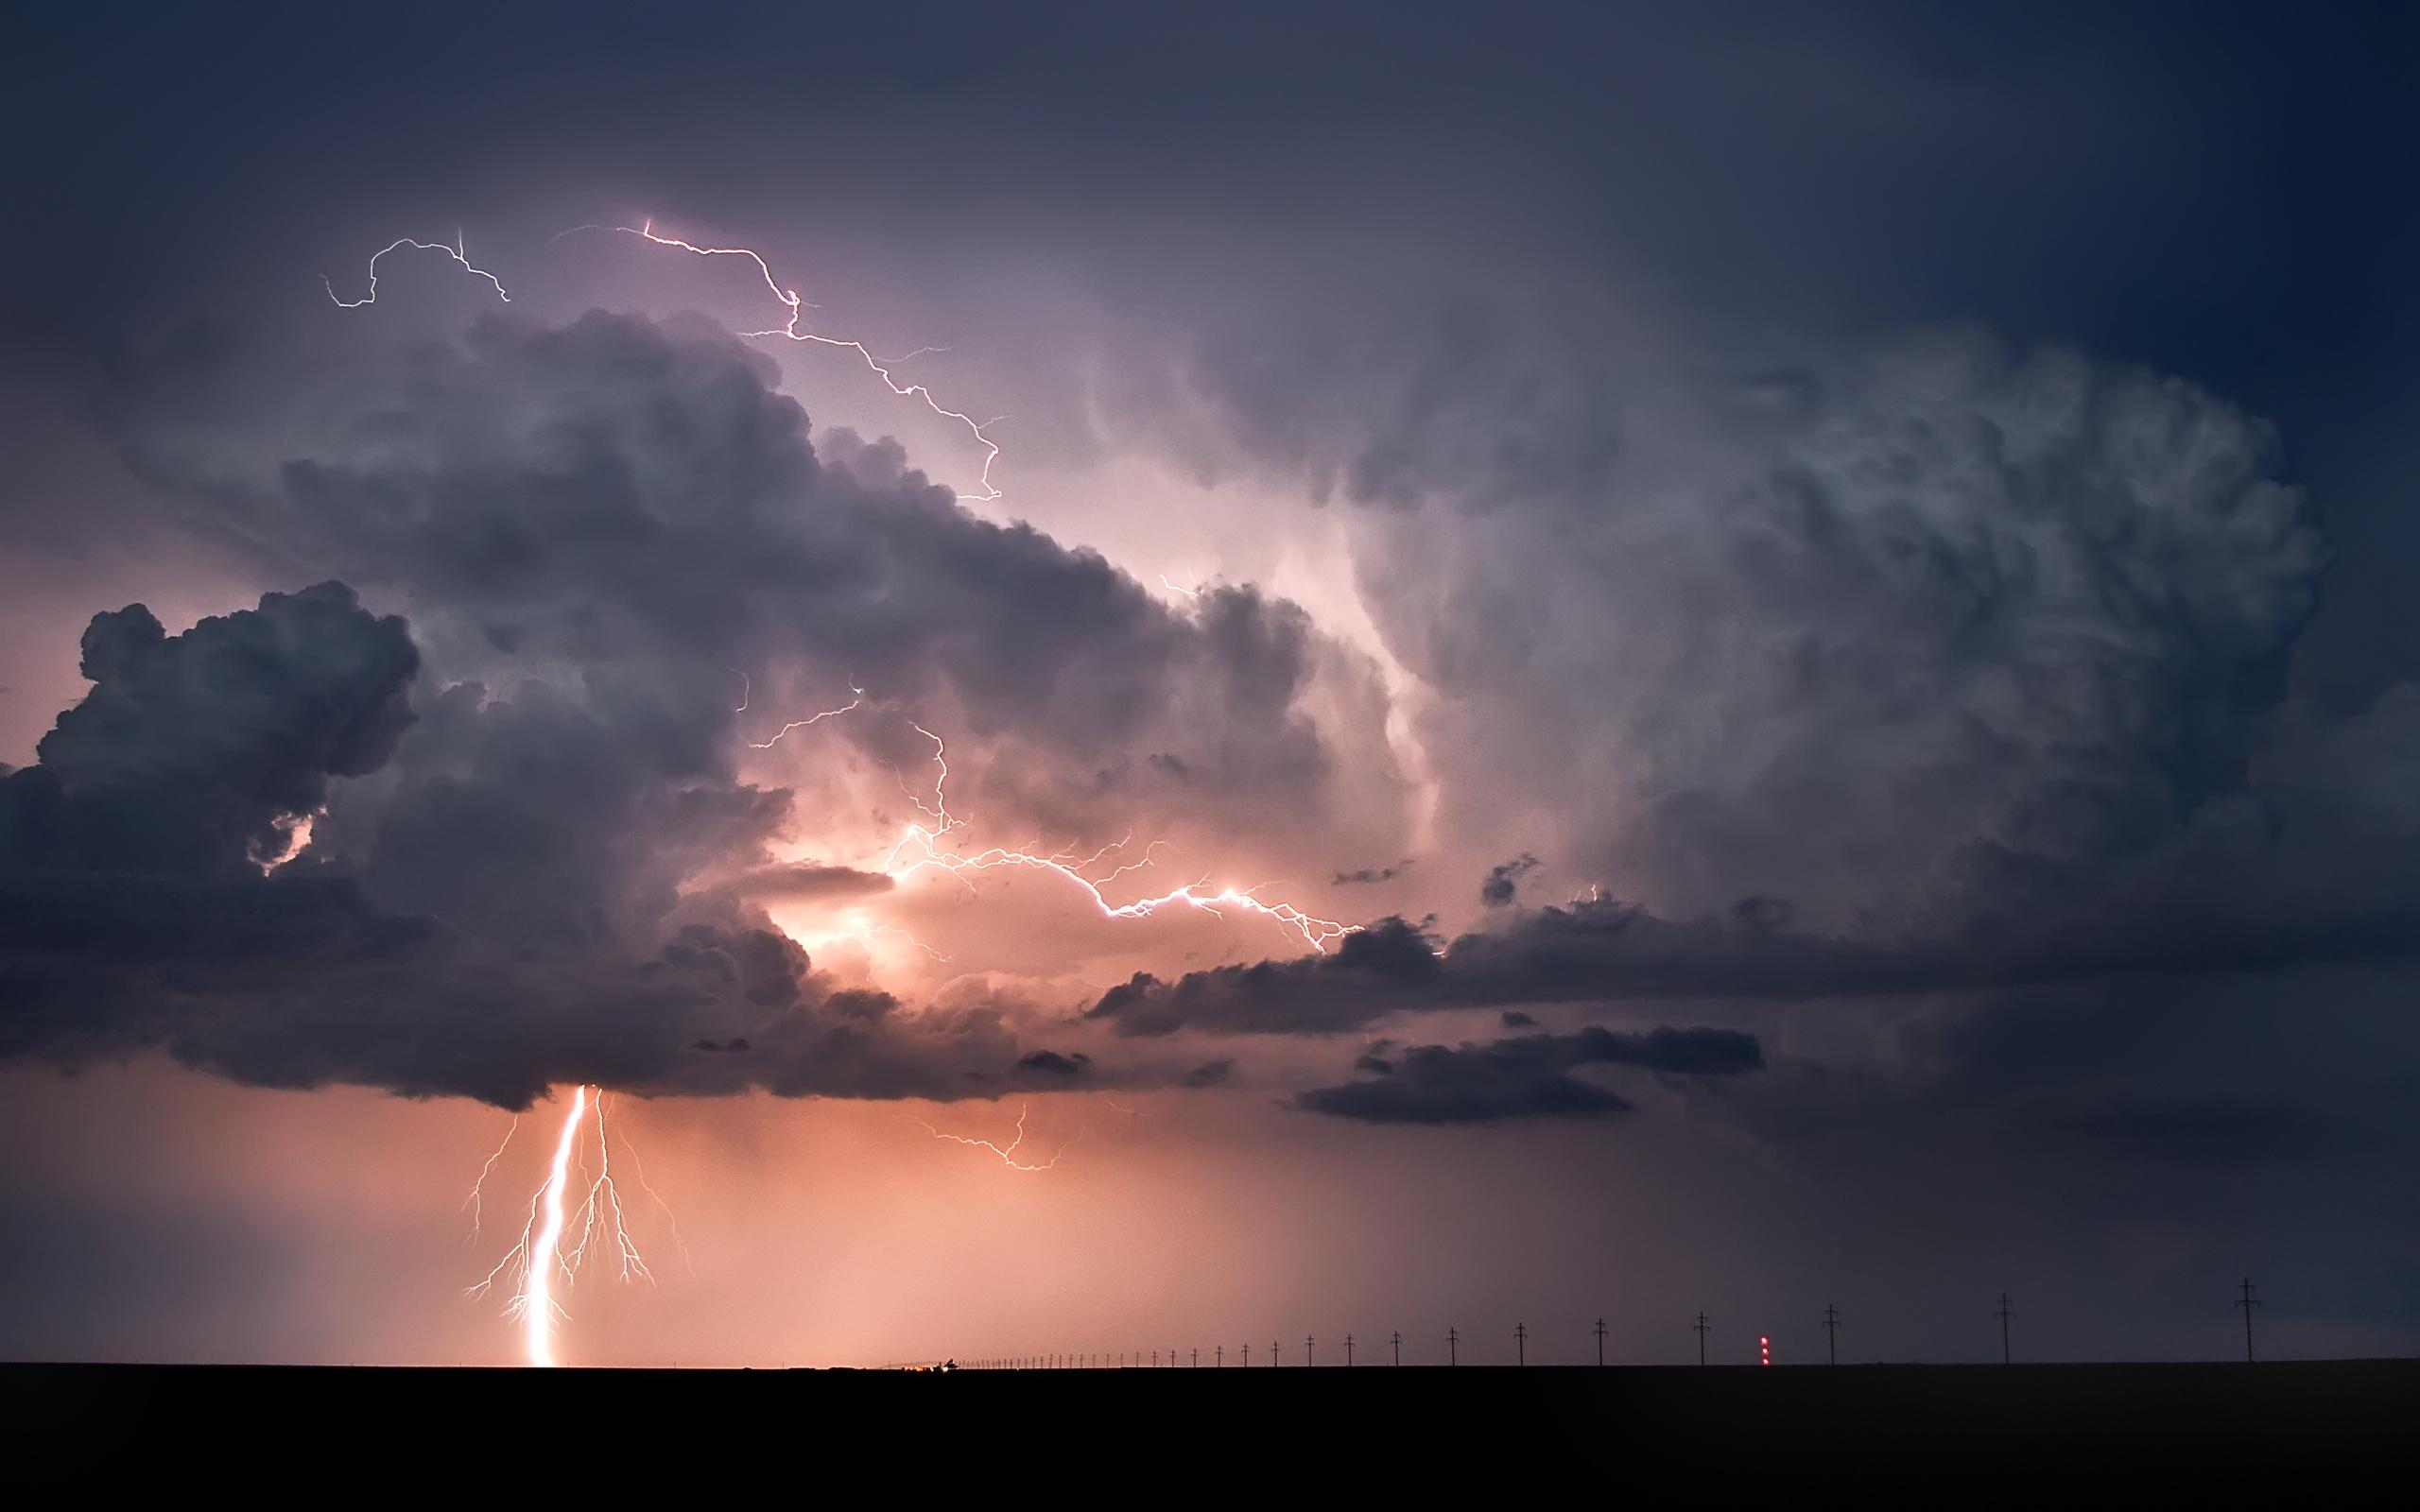 часть дождевое небо картинки тоже